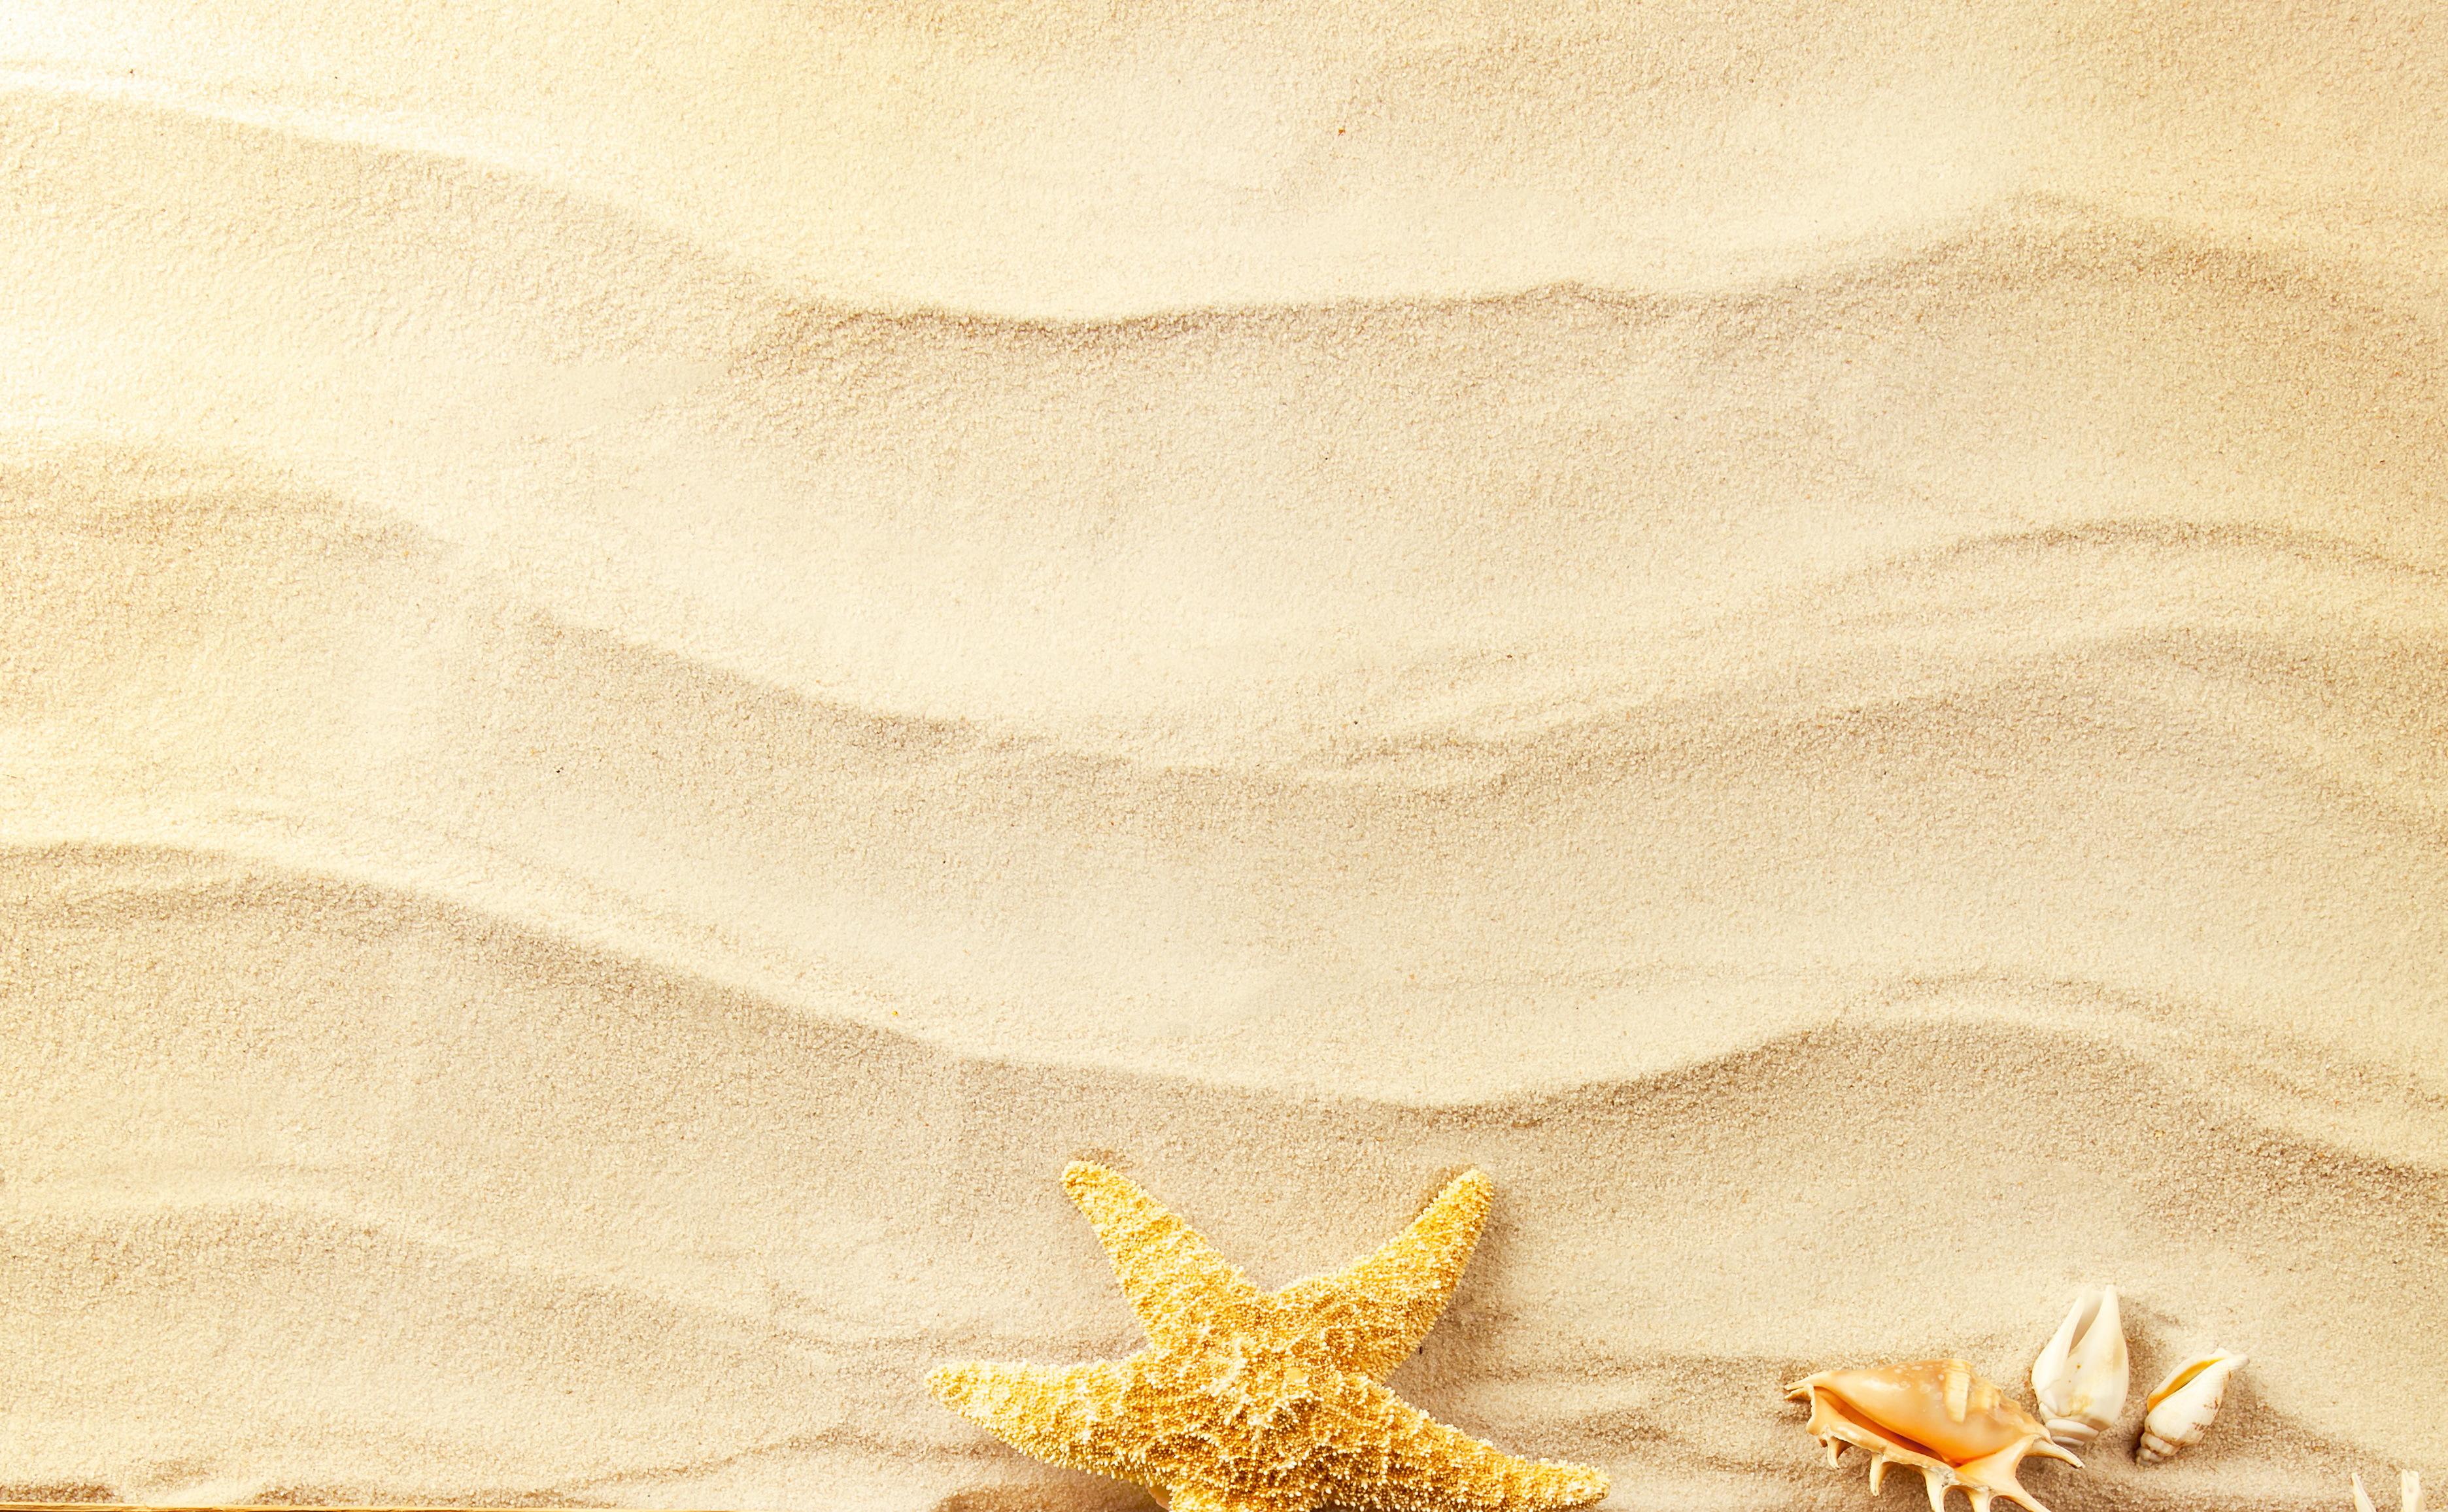 обои на рабочий стол желтый песок № 1318163 загрузить